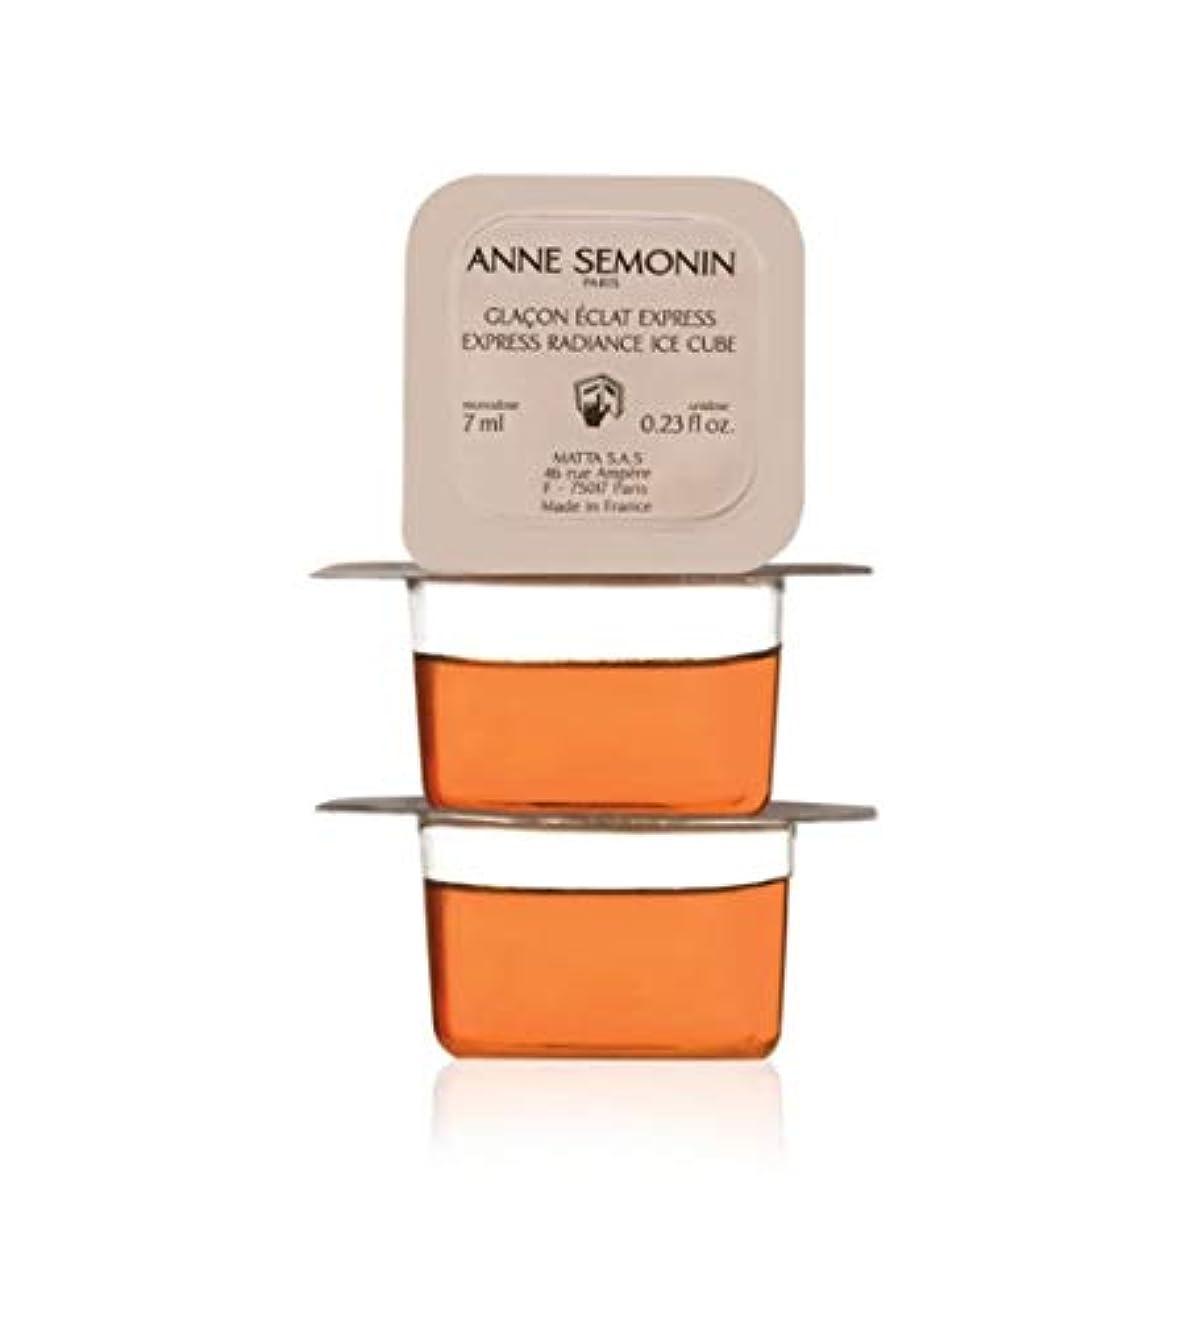 繰り返し尊敬する抵抗Anne Semonin Express Radiance Ice Cubes 8x7ml/0.23oz並行輸入品